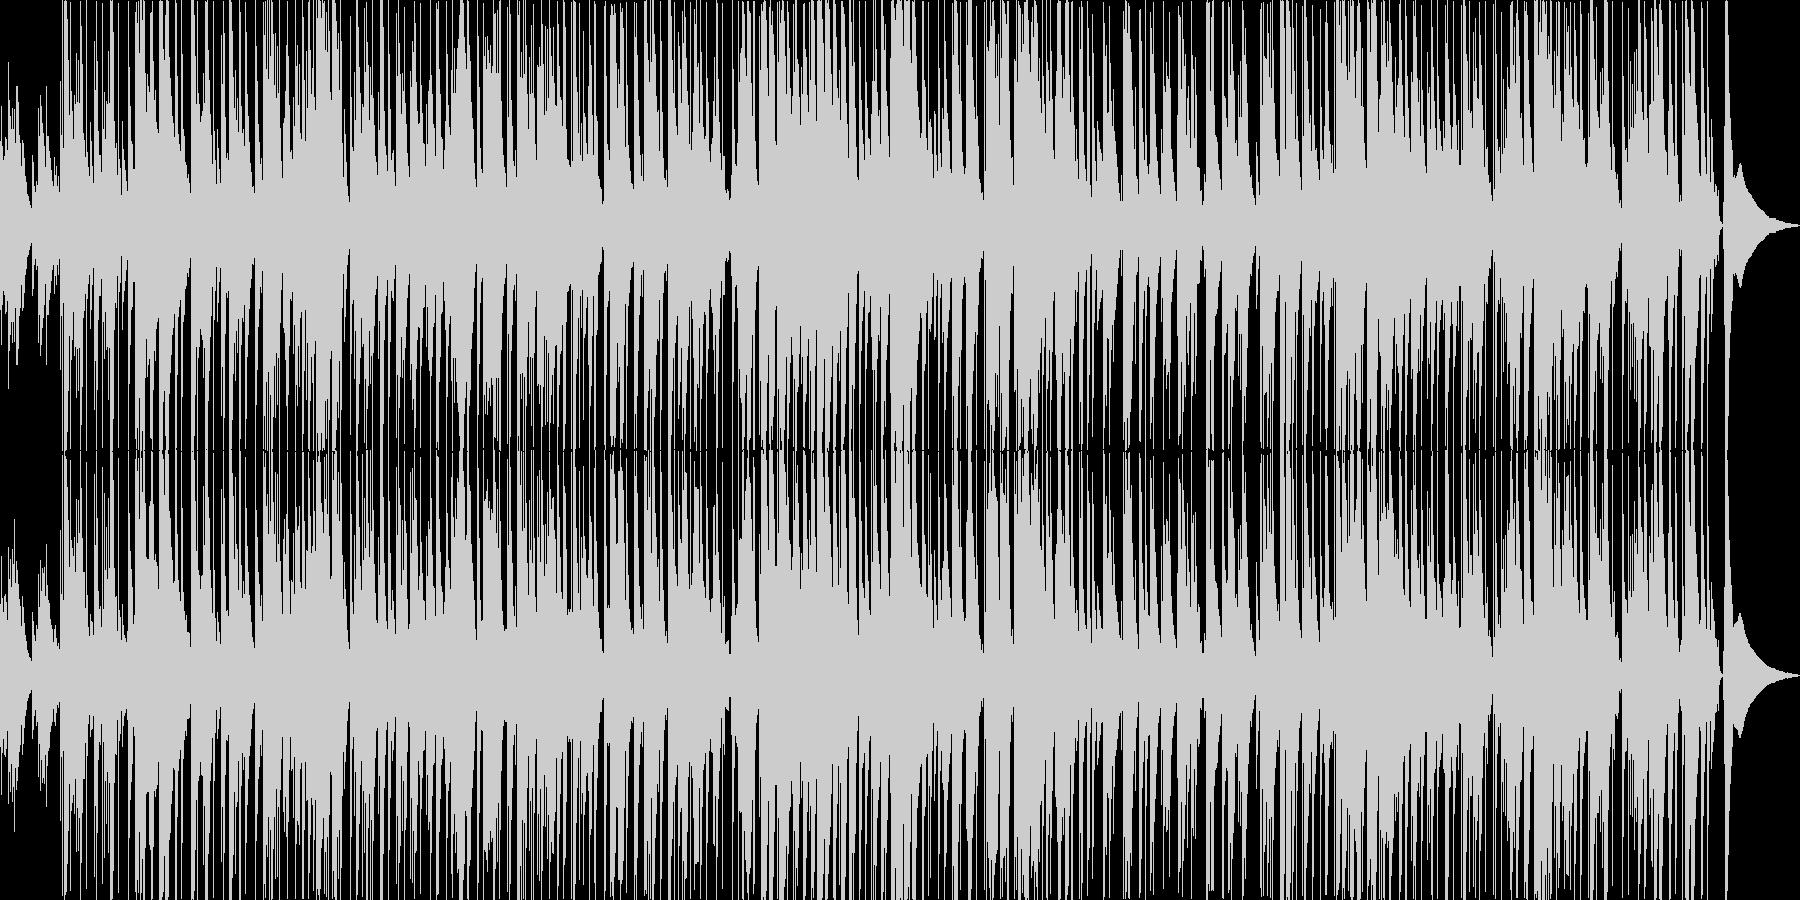 ほのぼのしたピアノトリオのポップスの未再生の波形